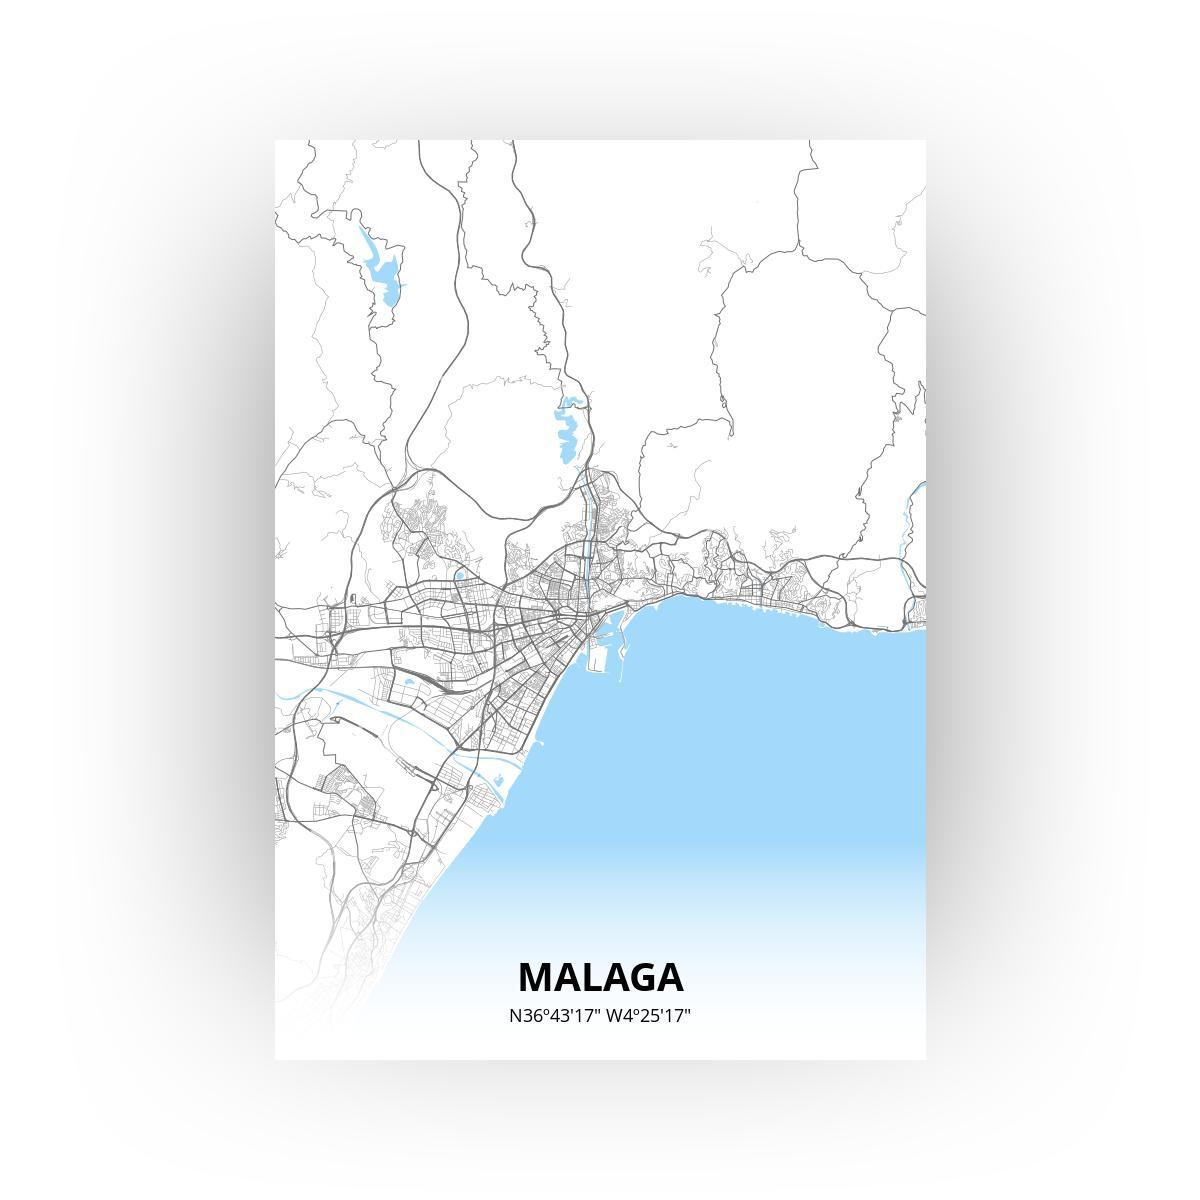 Malaga poster - Zelf aan te passen!